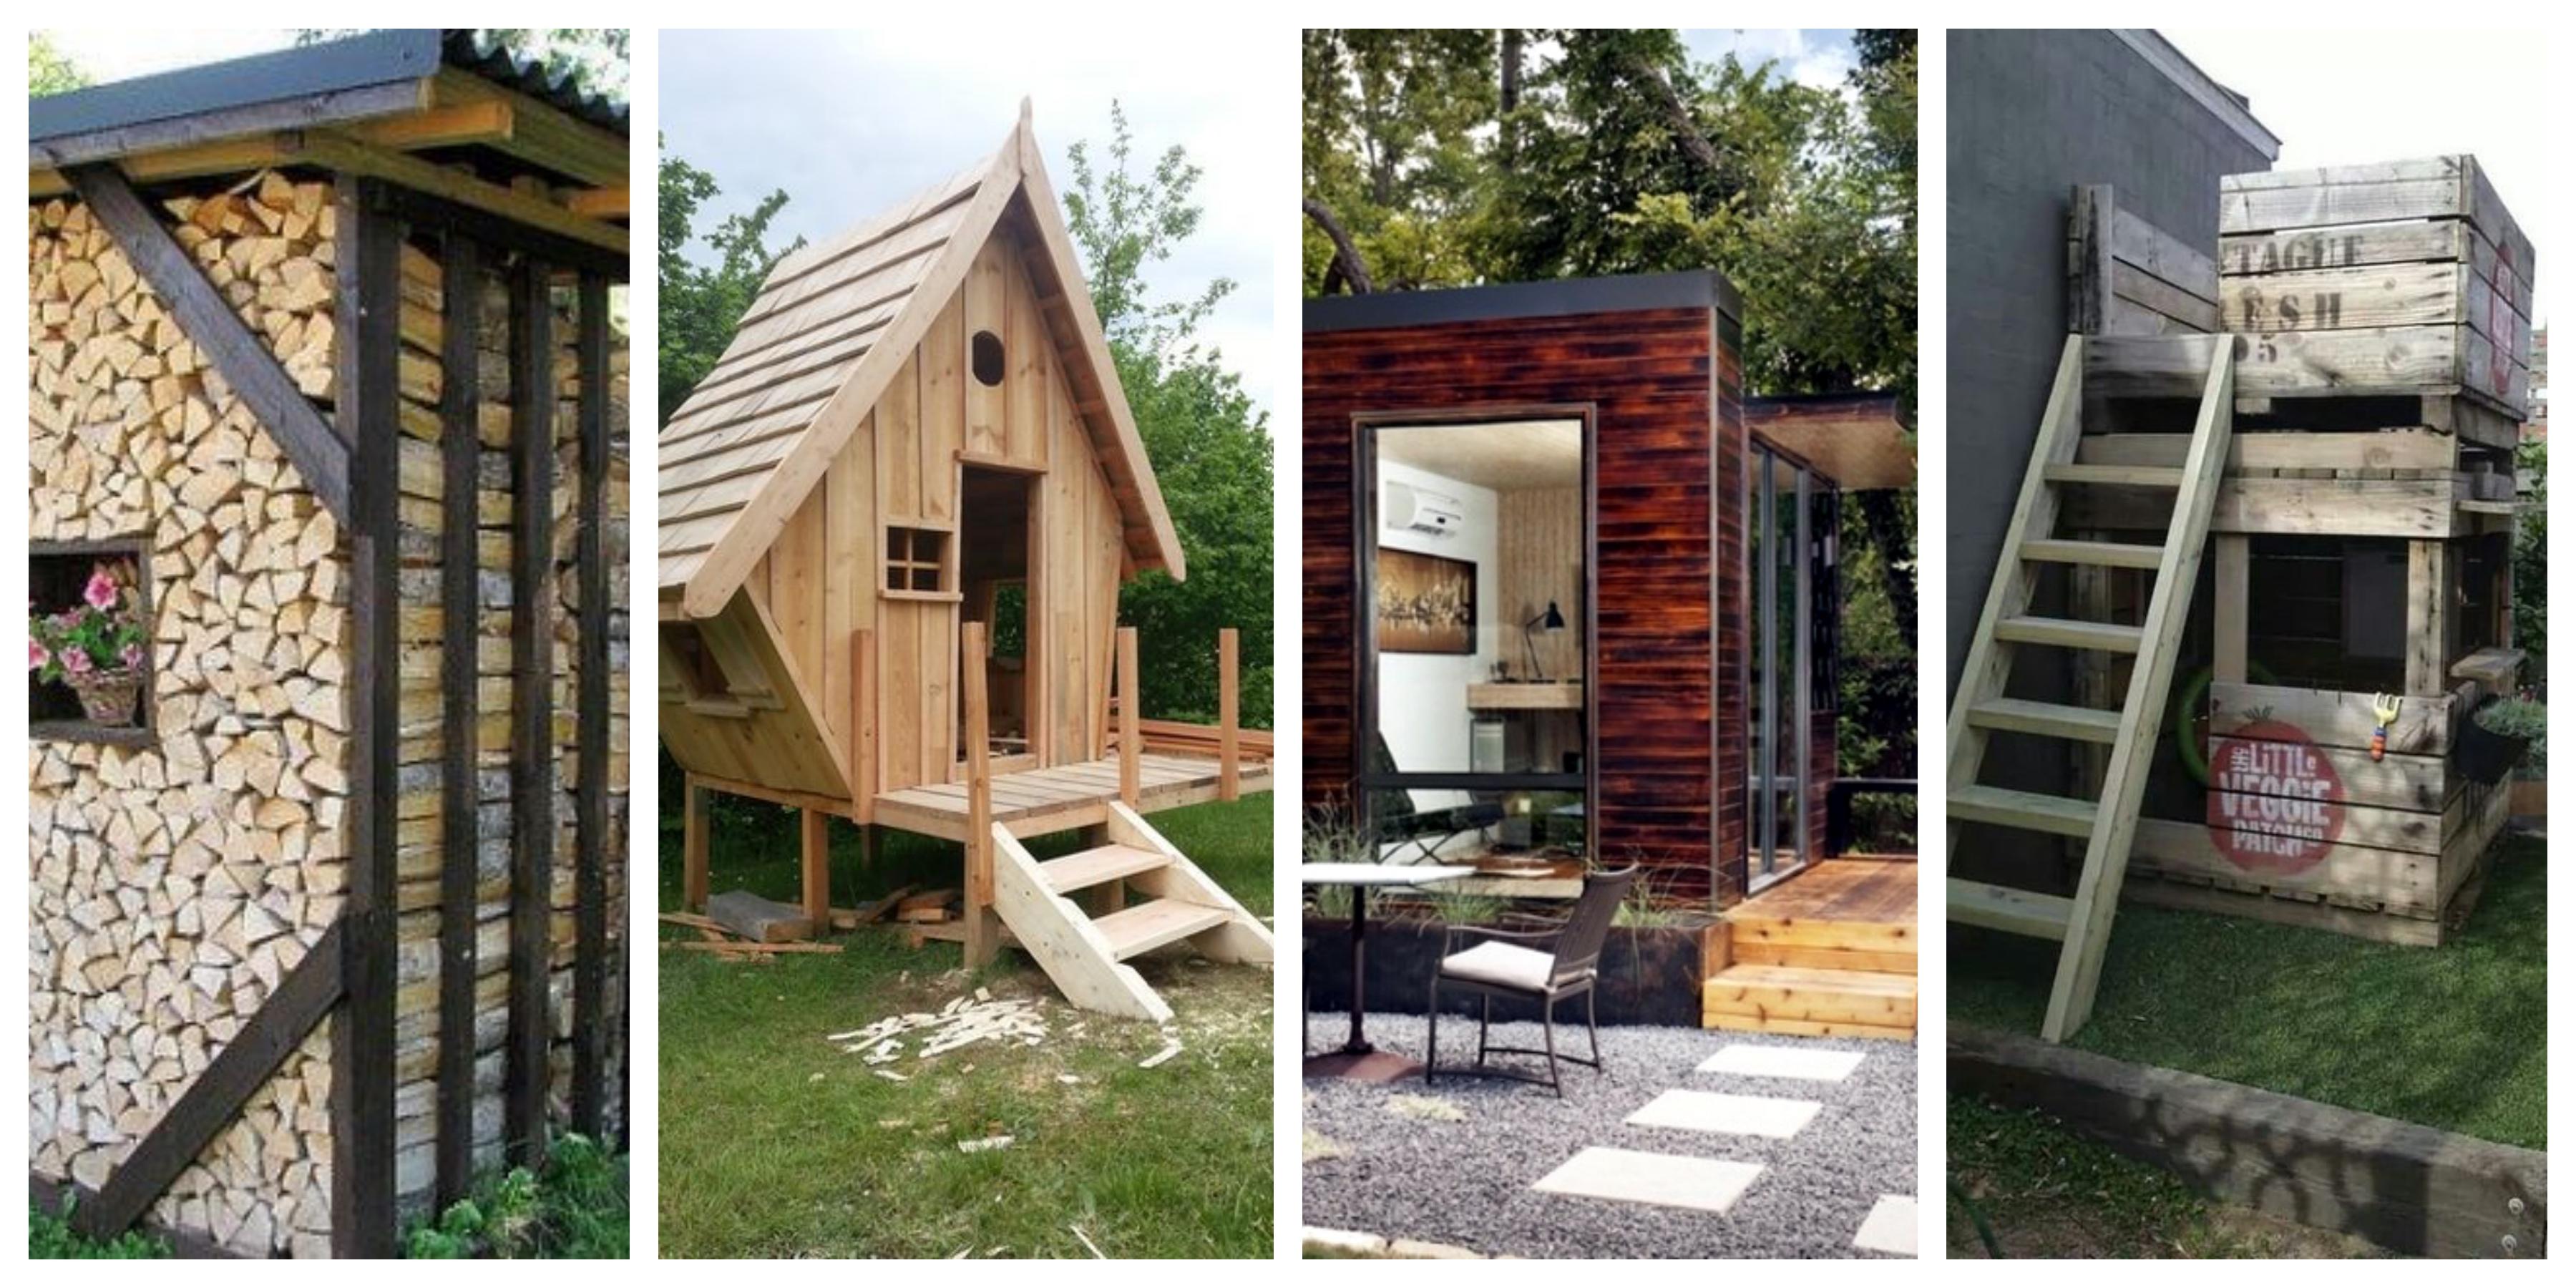 Zahradní stavby ze dřeva - inspirace, fotogalerie